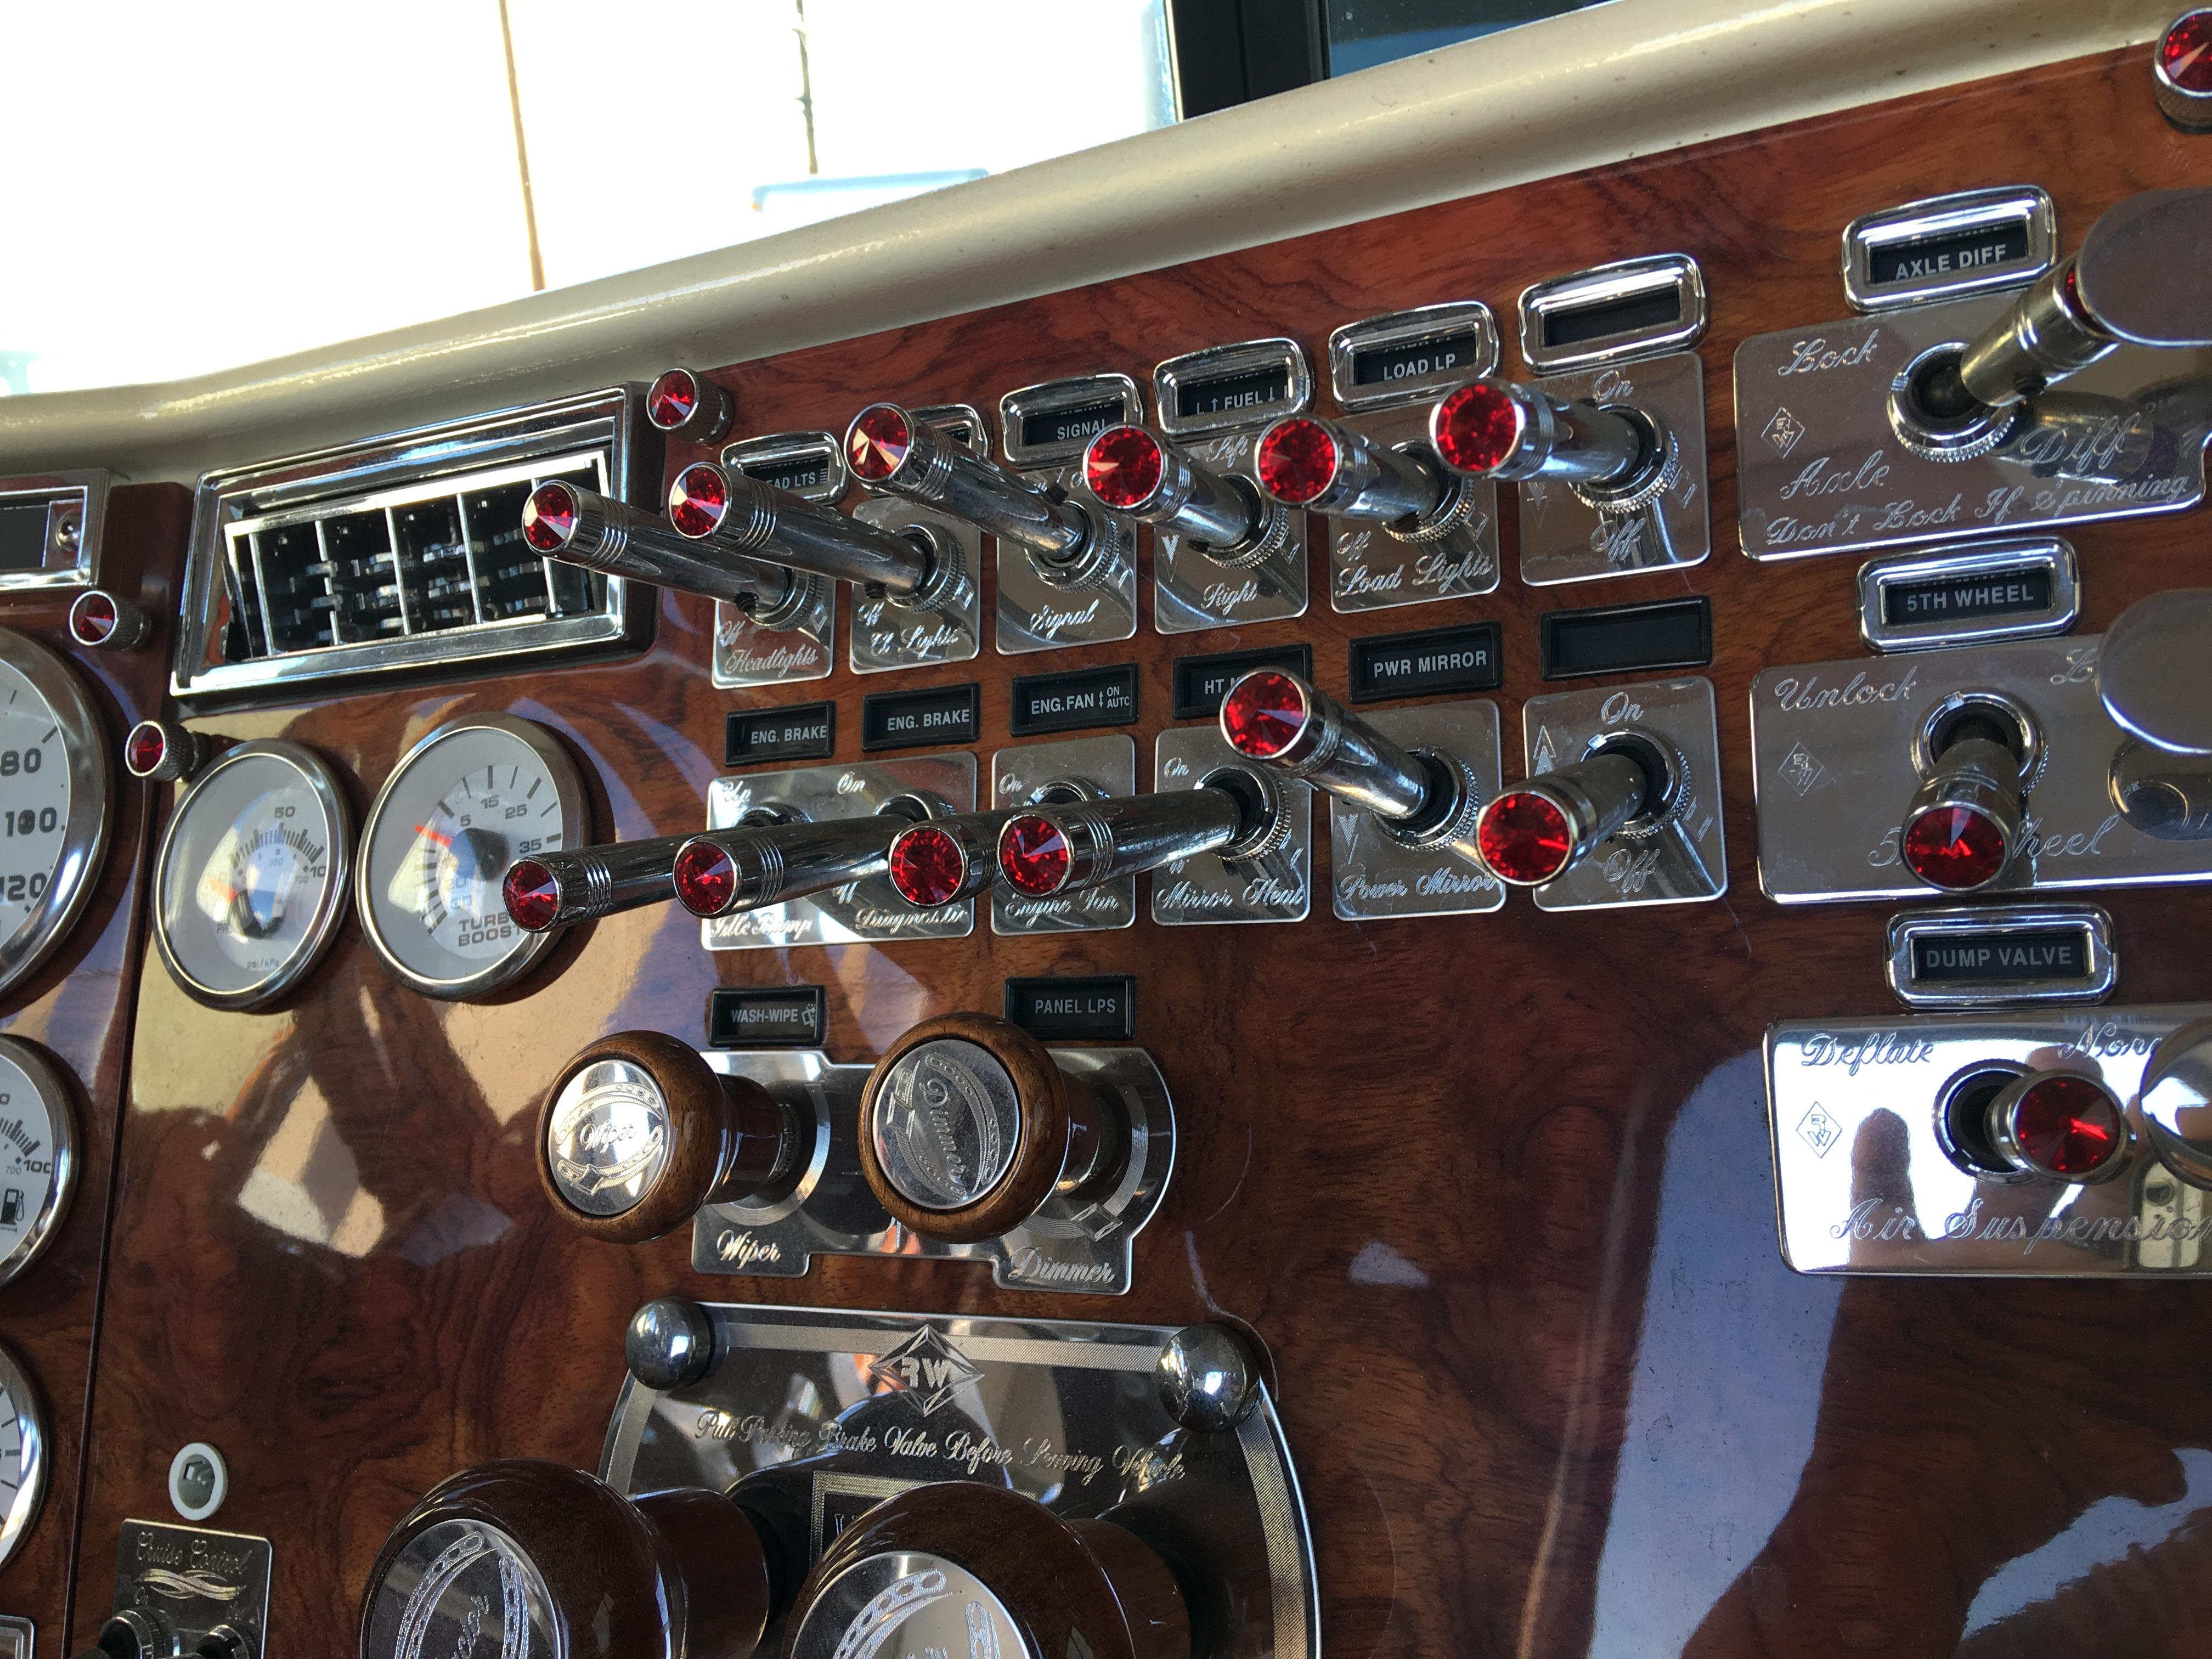 cab379e.jpg